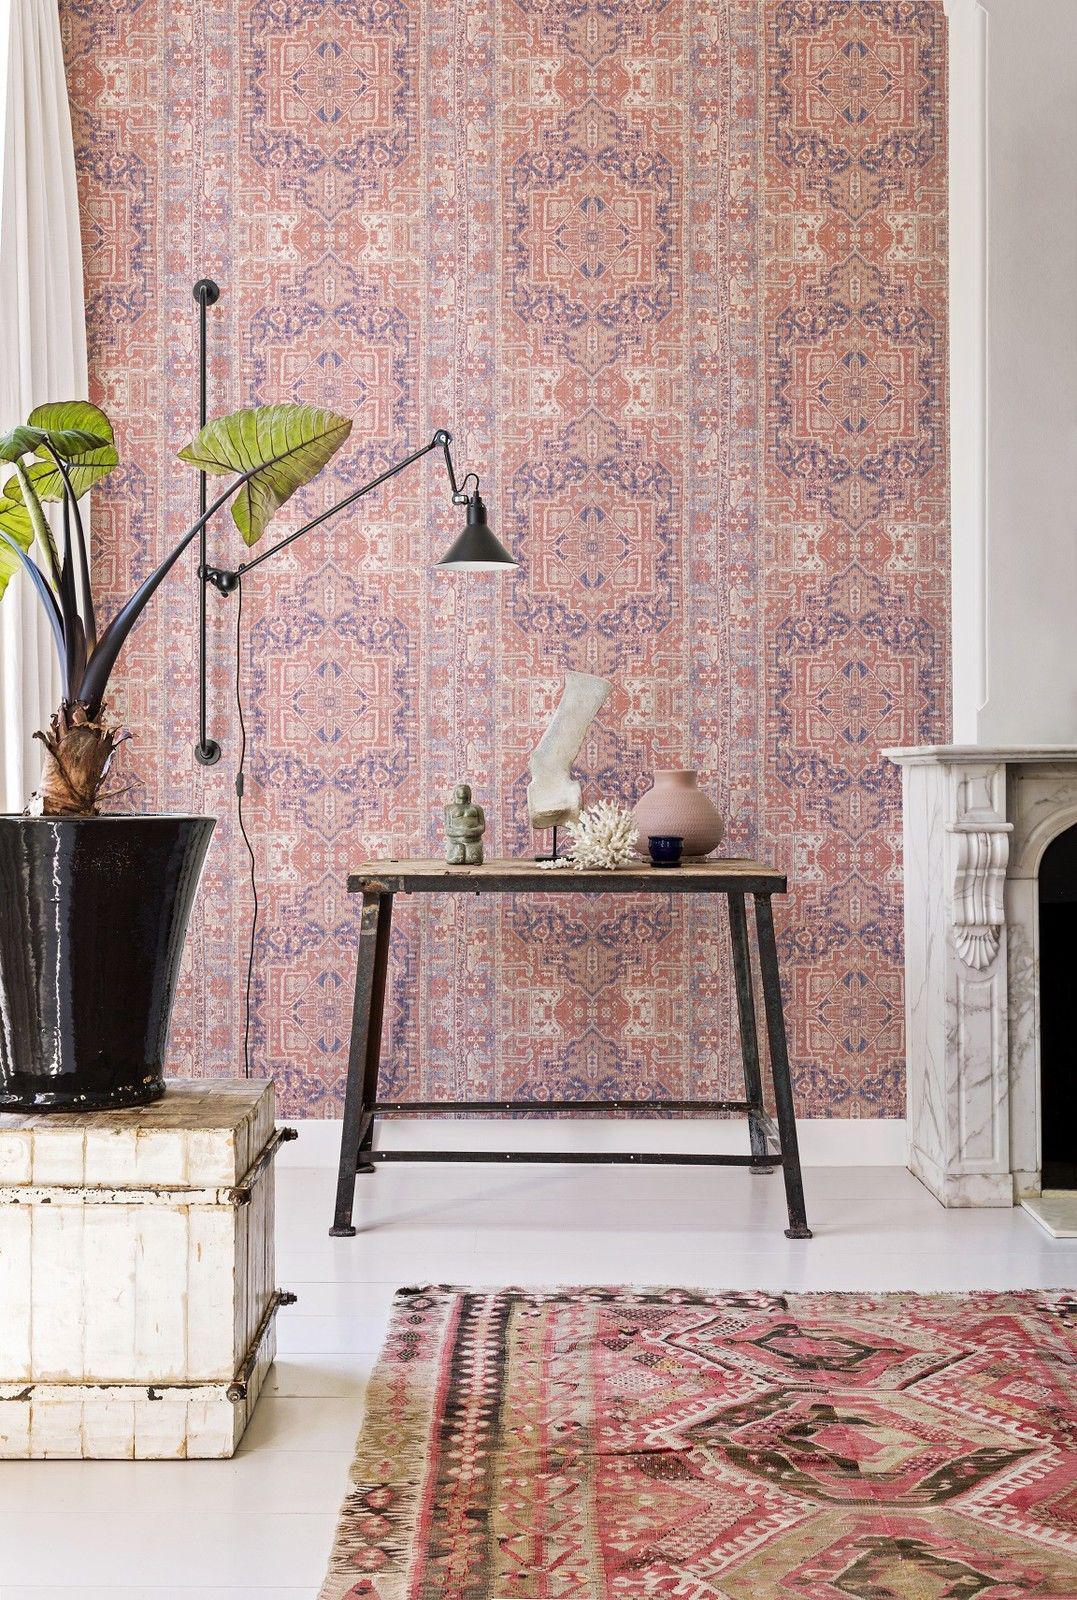 vlies tapete orientalisches wandteppich muster rose rot ethno look 218034 kaufen bei joratrend. Black Bedroom Furniture Sets. Home Design Ideas